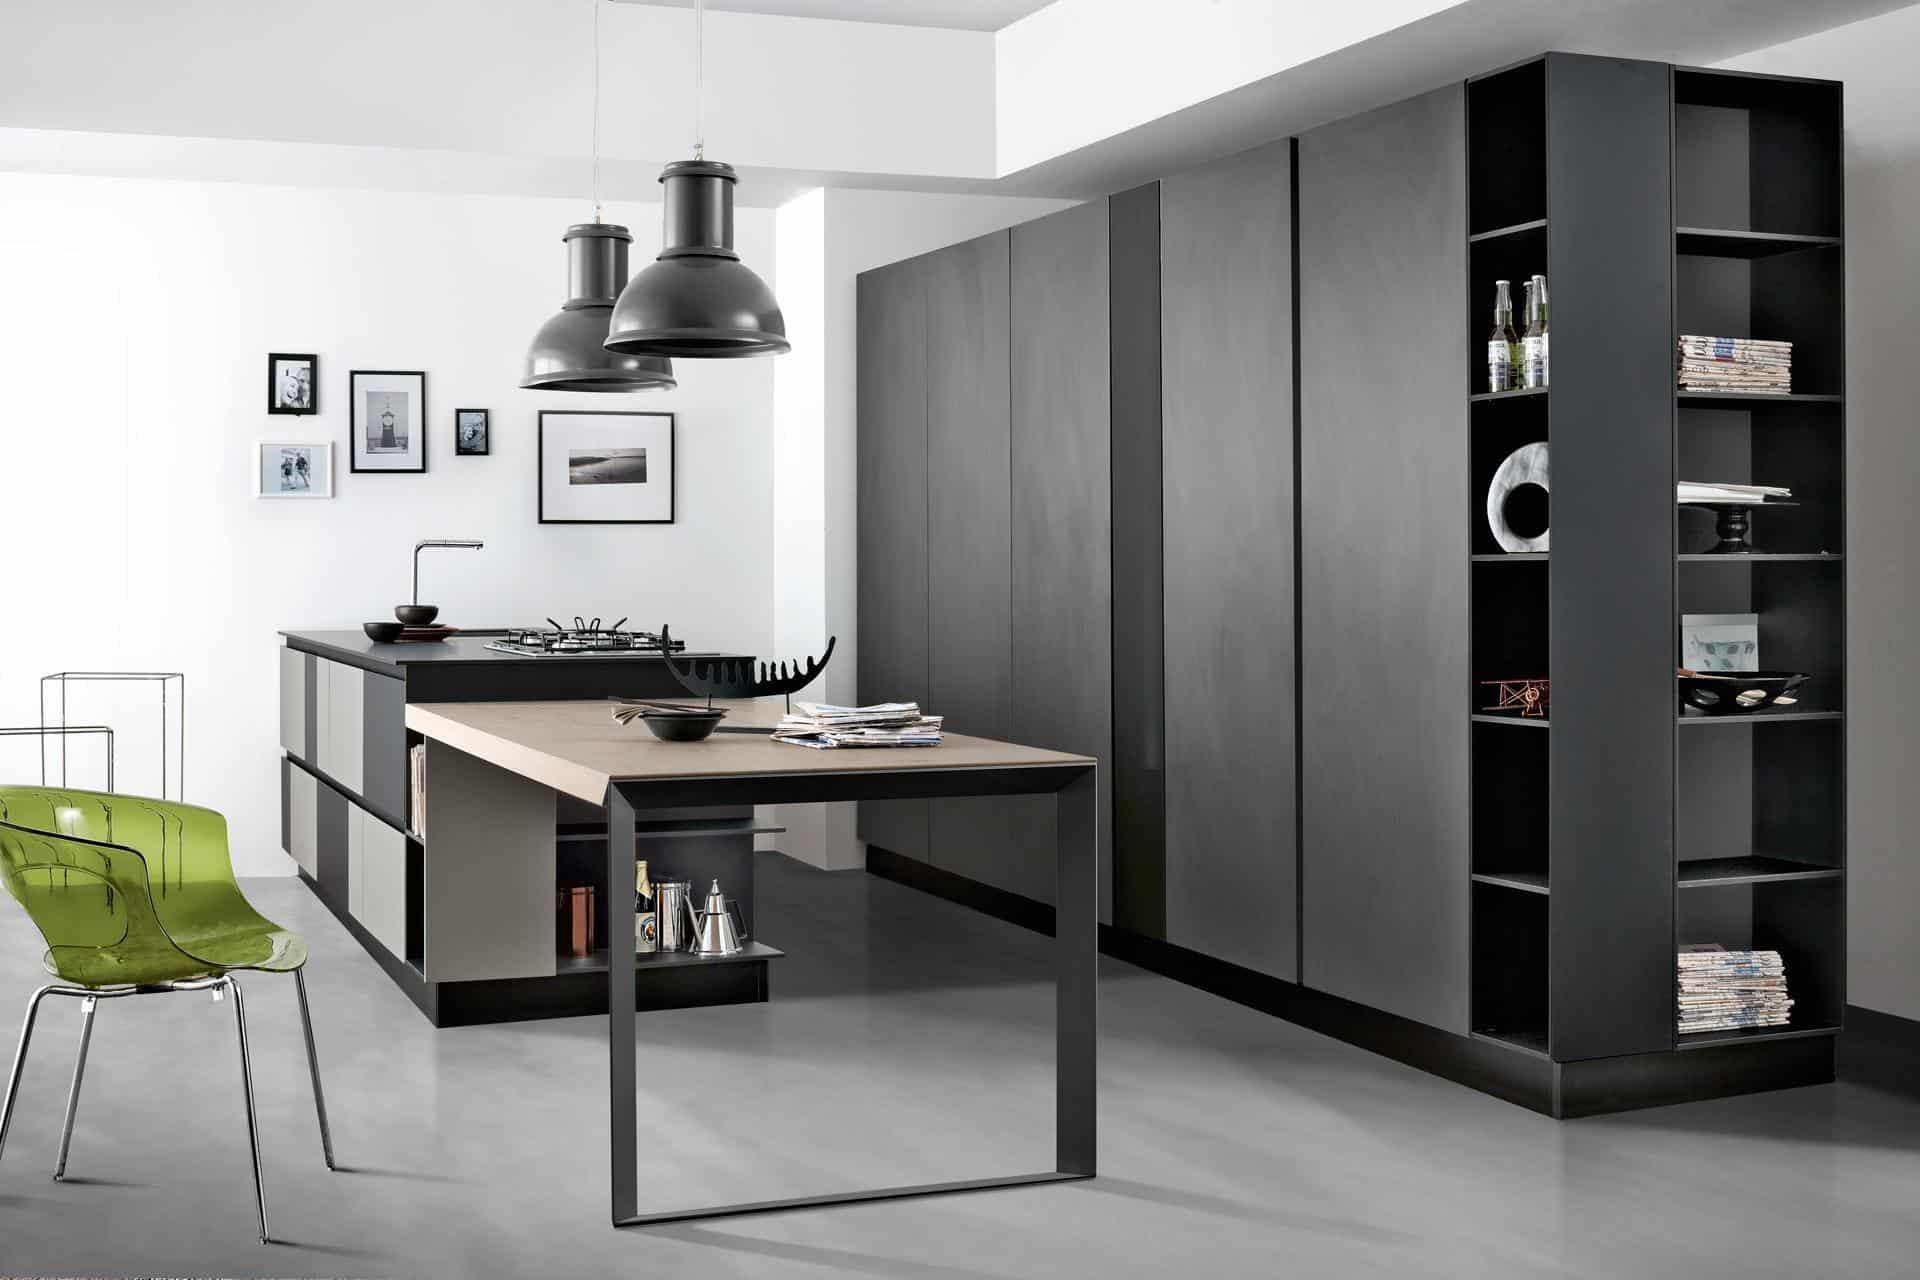 CERA Senator Cucine Italian Kitchens-scaccomatto 2